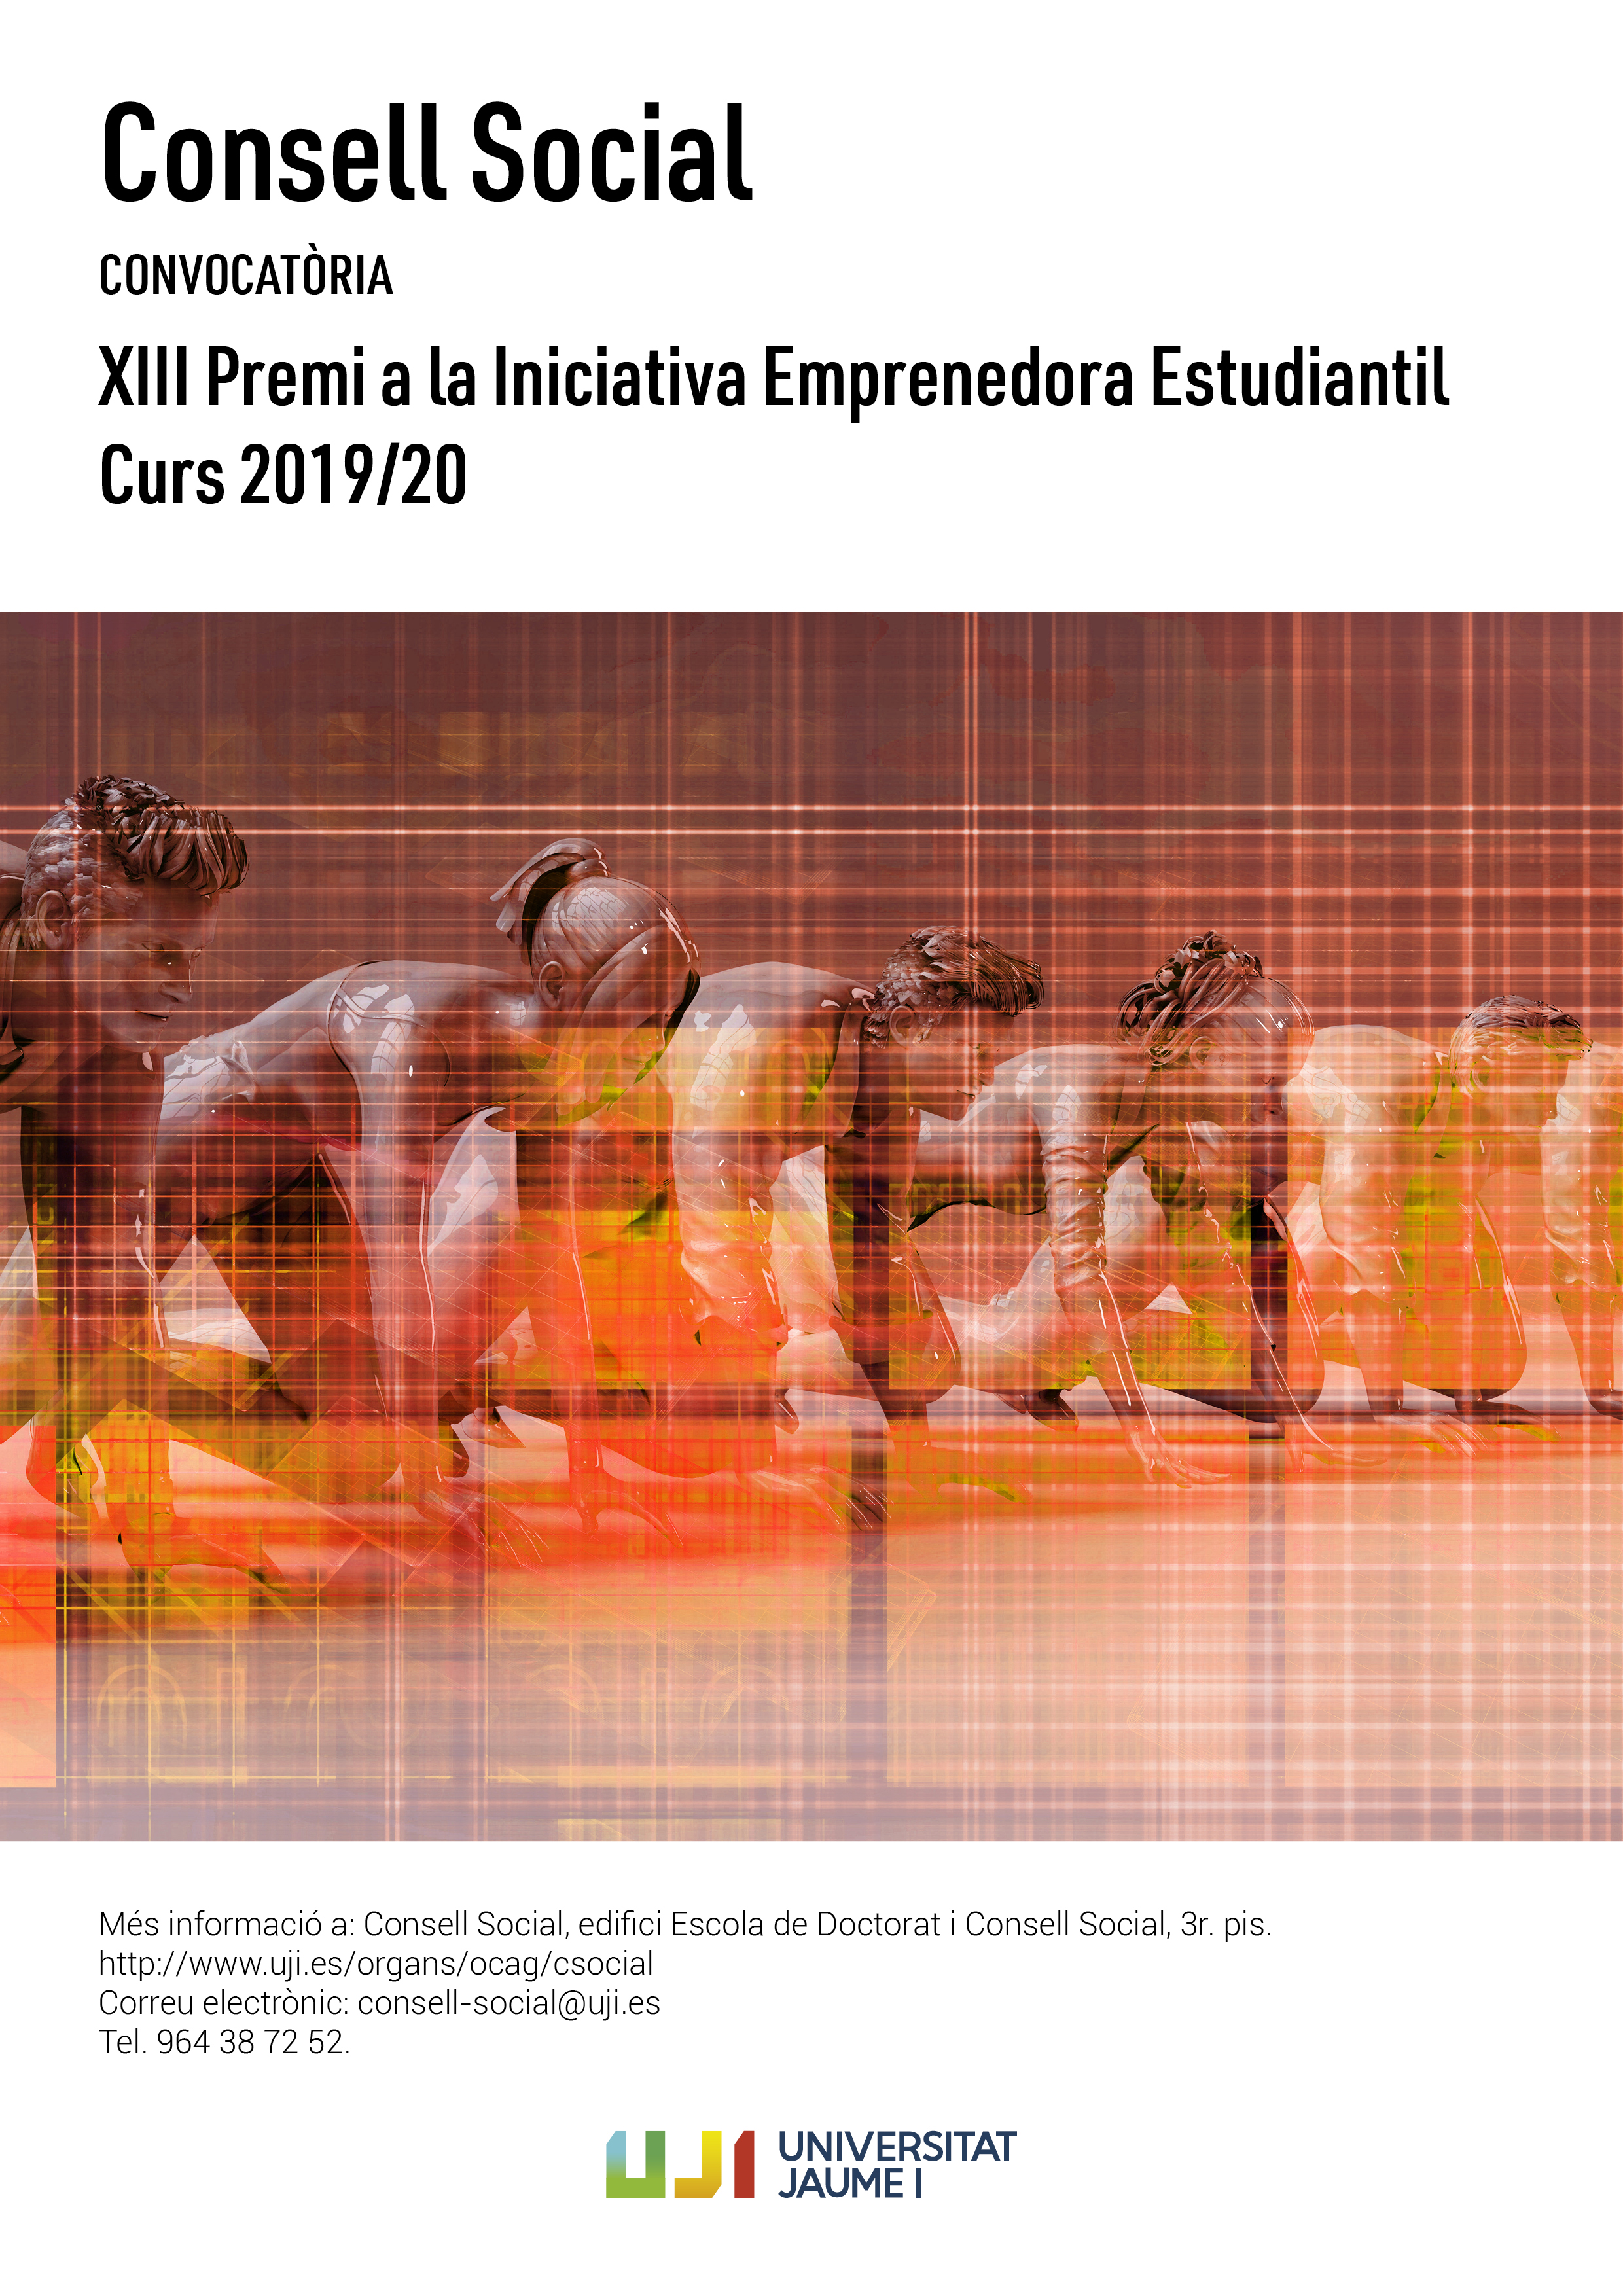 Cartell del XIII Premi del Consell Social a la Iniciativa Emprenedora Estudiantil 2020